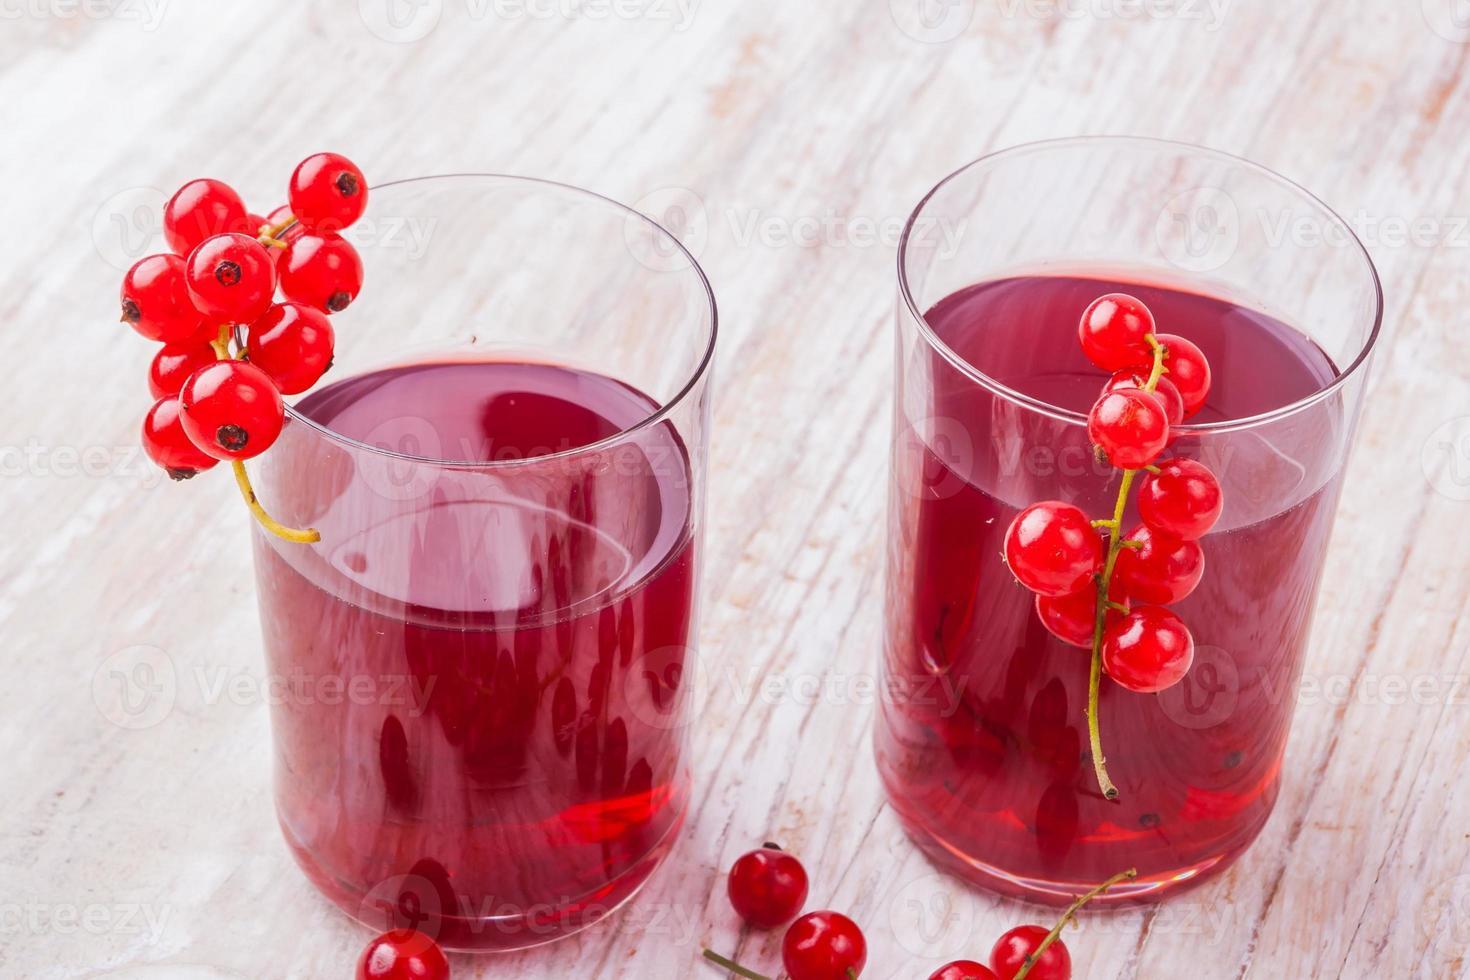 röd vinbär drink i glassen foto